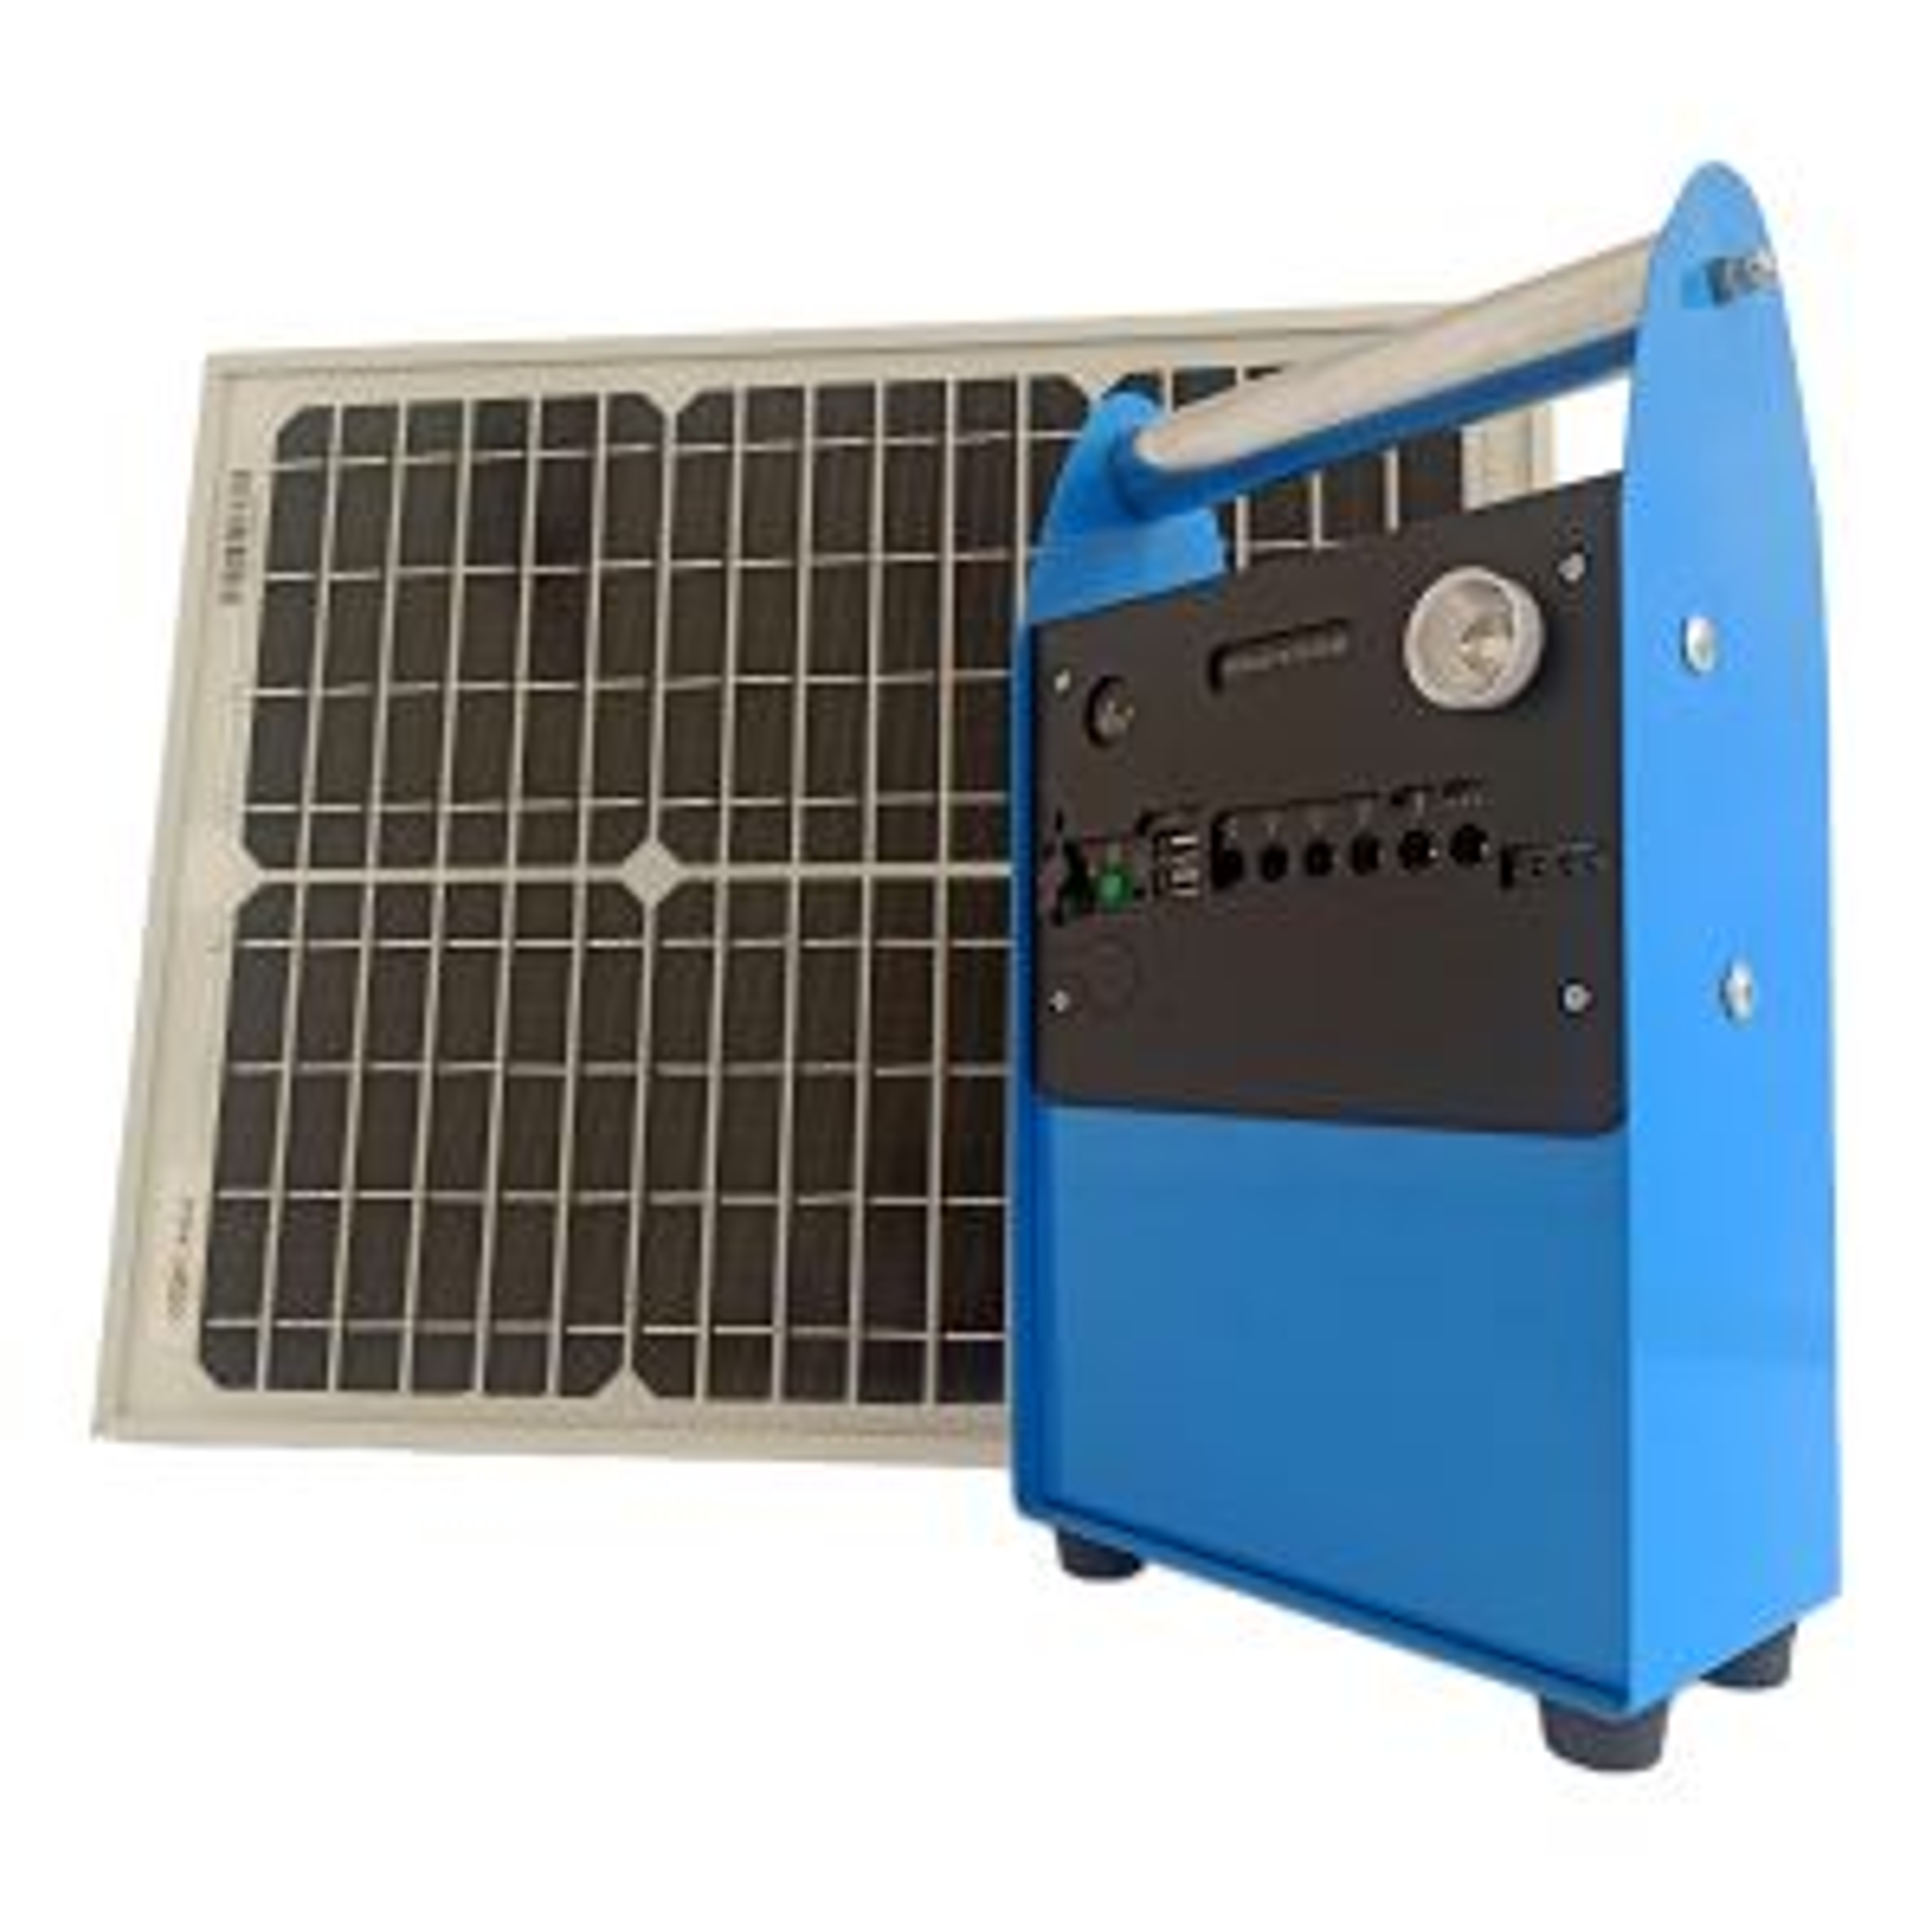 سیستم روشنایی خورشیدی رساما مدل 217